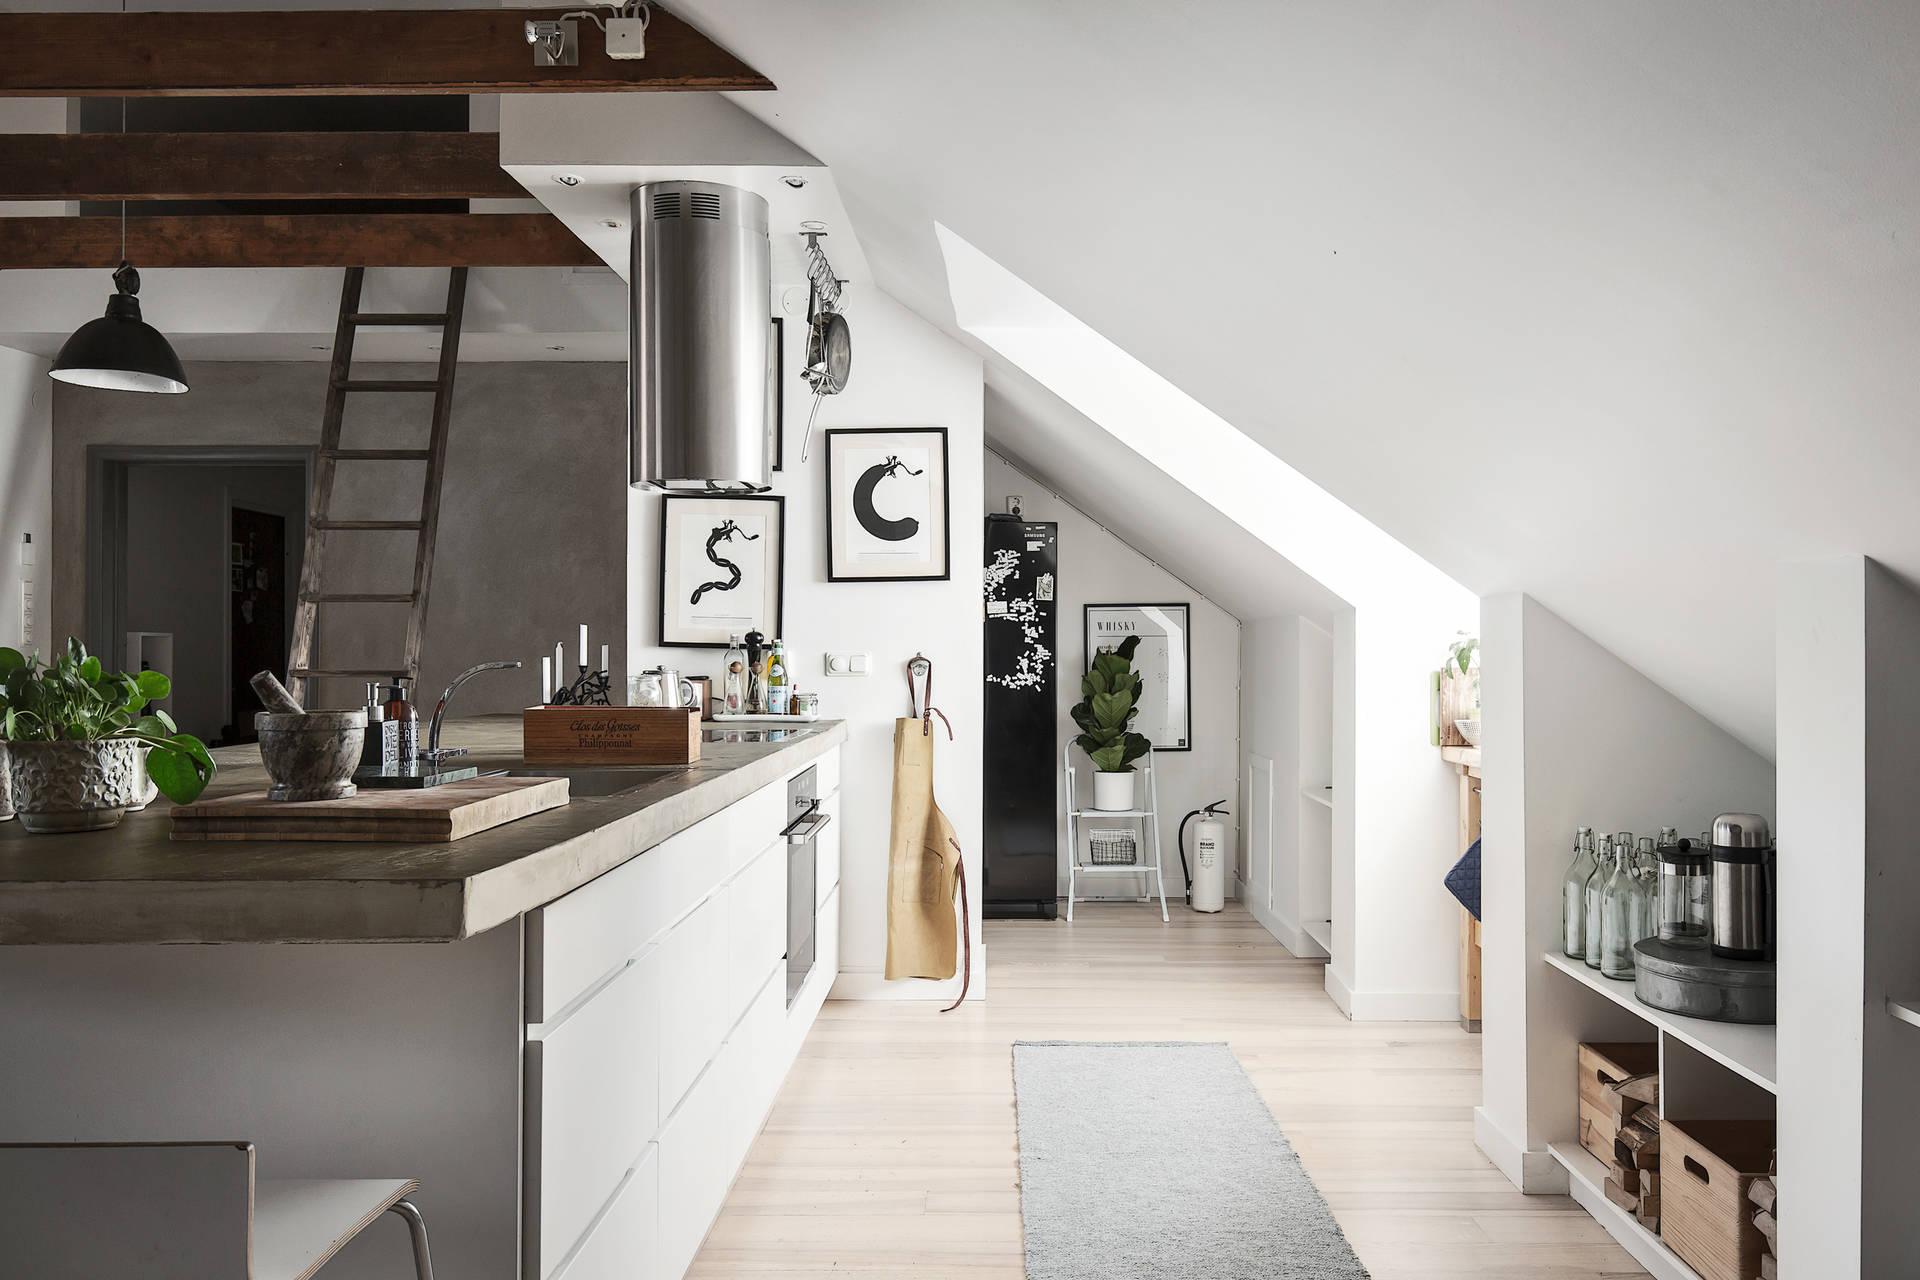 мансарда кухня кухонный остров плита вытяжка столешница лестница